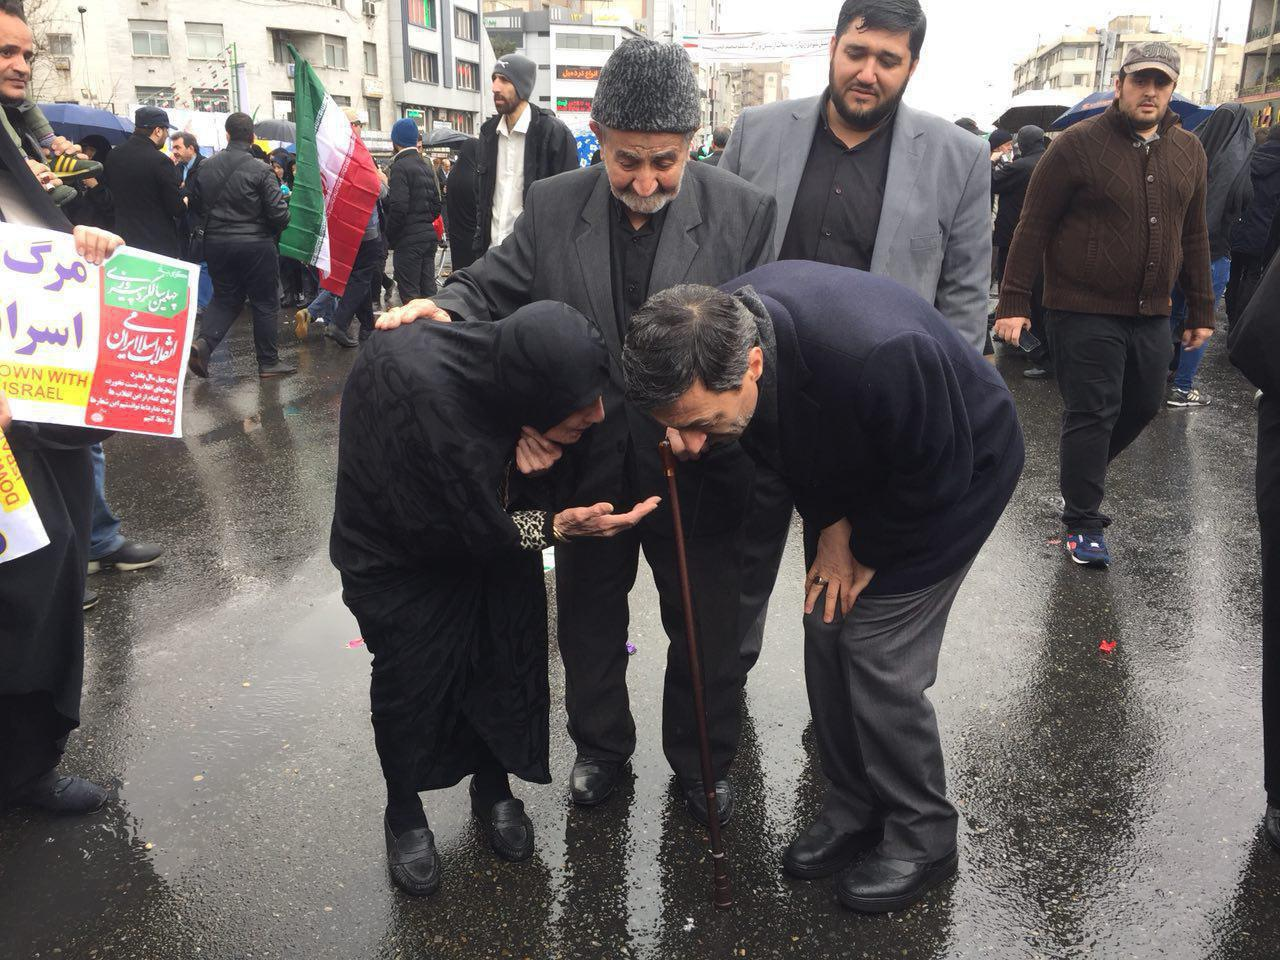 گفتوگوی رییس کمیته امداد امام خمینی (ره) با یکی از حاضران در راهپیمایی